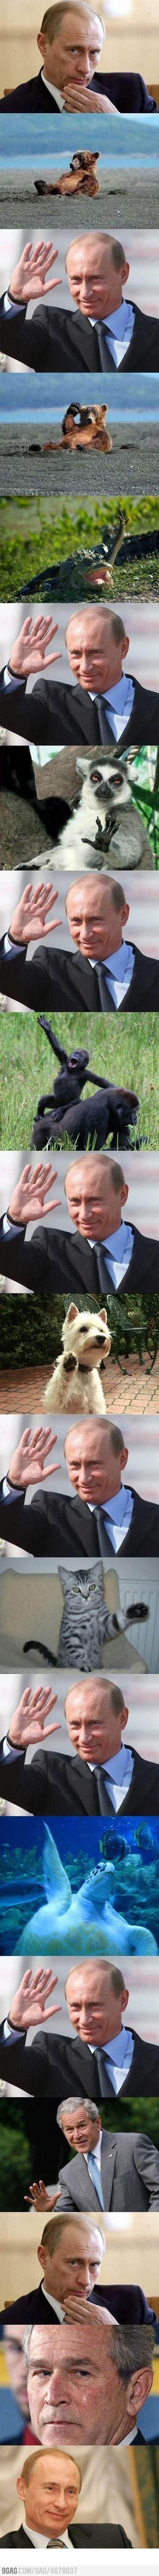 Friendly Putin. lol